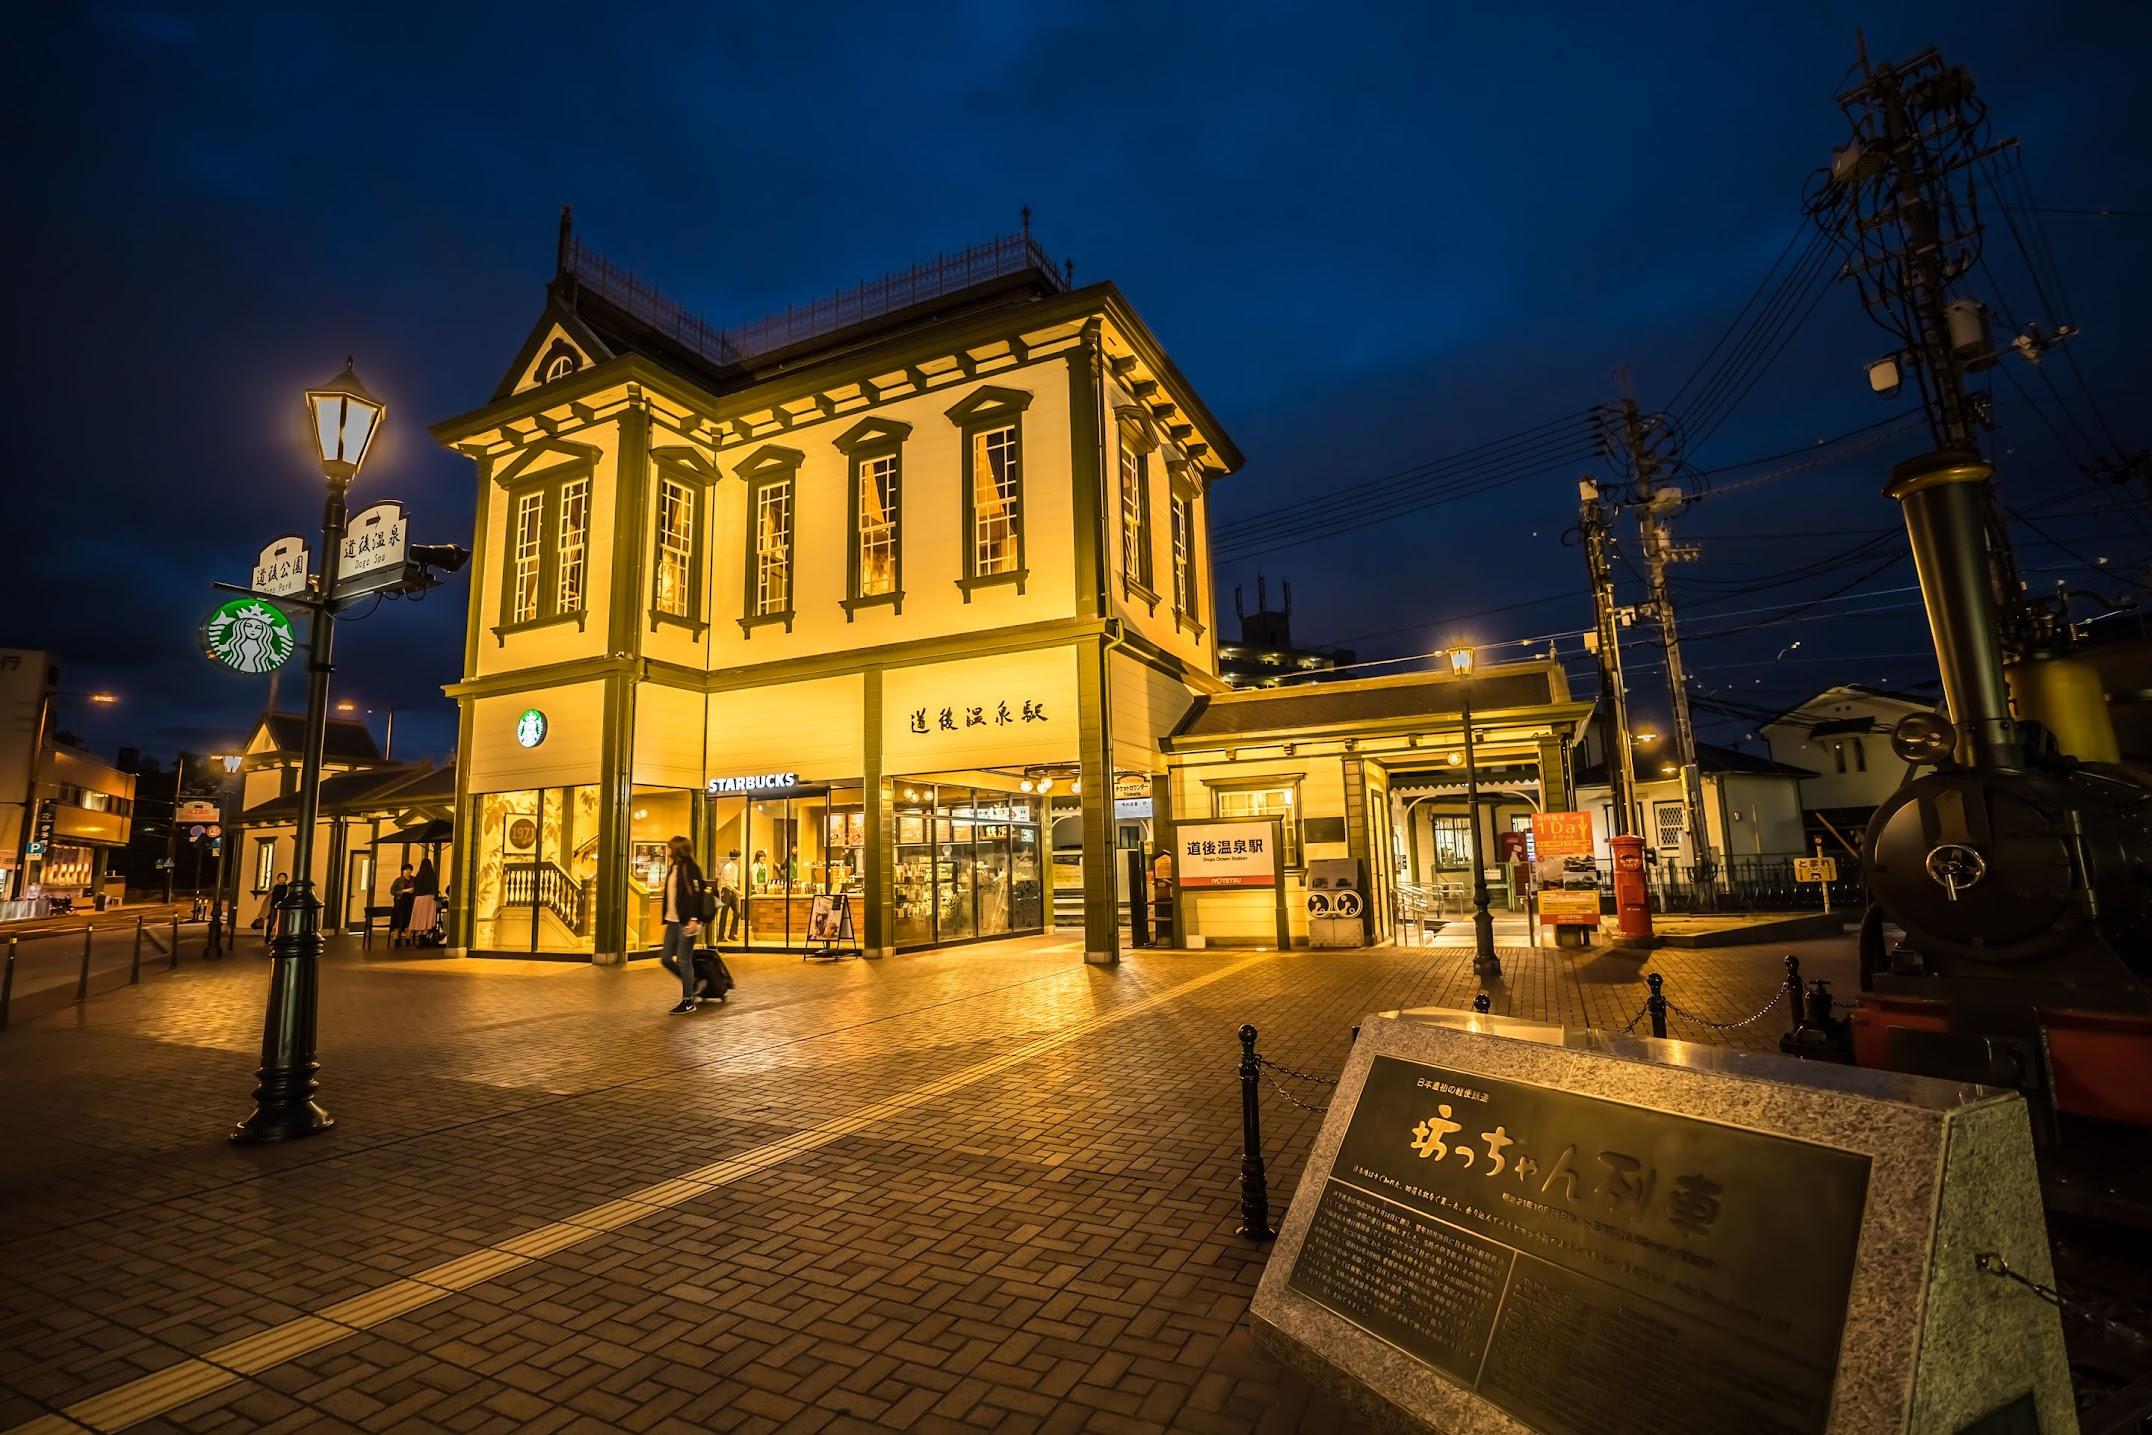 道後温泉駅 ライトアップ1